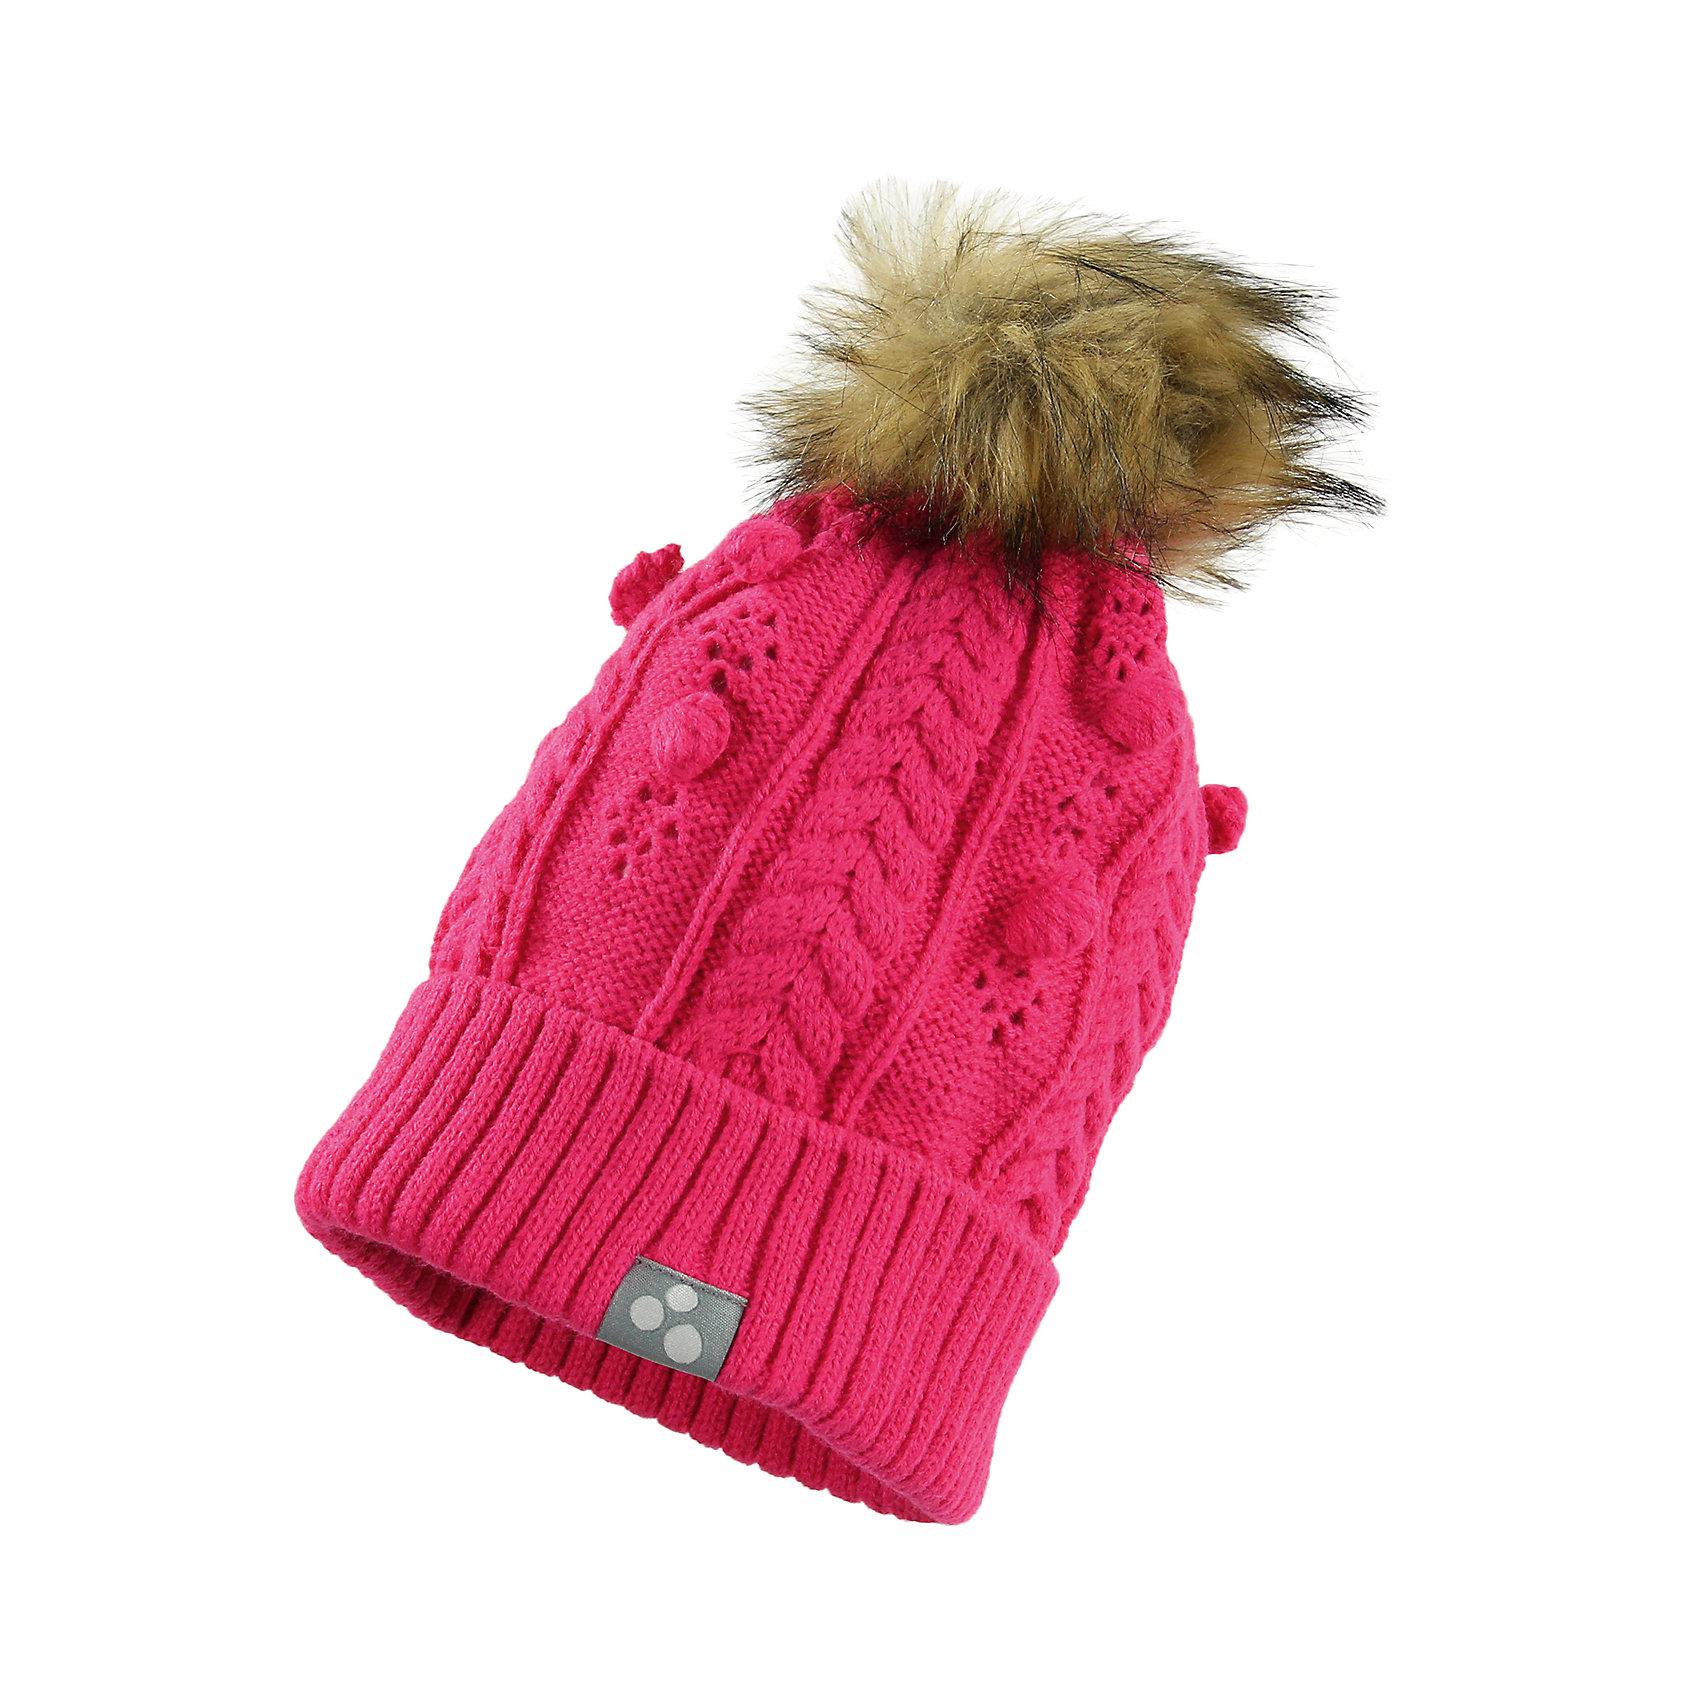 Шапка для девочки HuppaГоловные уборы<br>Милая зимняя вязаная шапка для девочек. Для защиты от холодной погоды шапка связана двойной акриловой пряжей, а вязанный резинкой край завернут. Для украшения на шапке имеется красивый узор и симпатичный меховой помпон, привлекающий внимание. Шапка хорошо сочетается с разной верхней одеждой для девочек.<br><br>Шапку для девочки Huppa (Хуппа) можно купить в нашем магазине.<br><br>Ширина мм: 89<br>Глубина мм: 117<br>Высота мм: 44<br>Вес г: 155<br>Цвет: розовый<br>Возраст от месяцев: 144<br>Возраст до месяцев: 168<br>Пол: Женский<br>Возраст: Детский<br>Размер: 57,55-57,51-53<br>SKU: 4242972